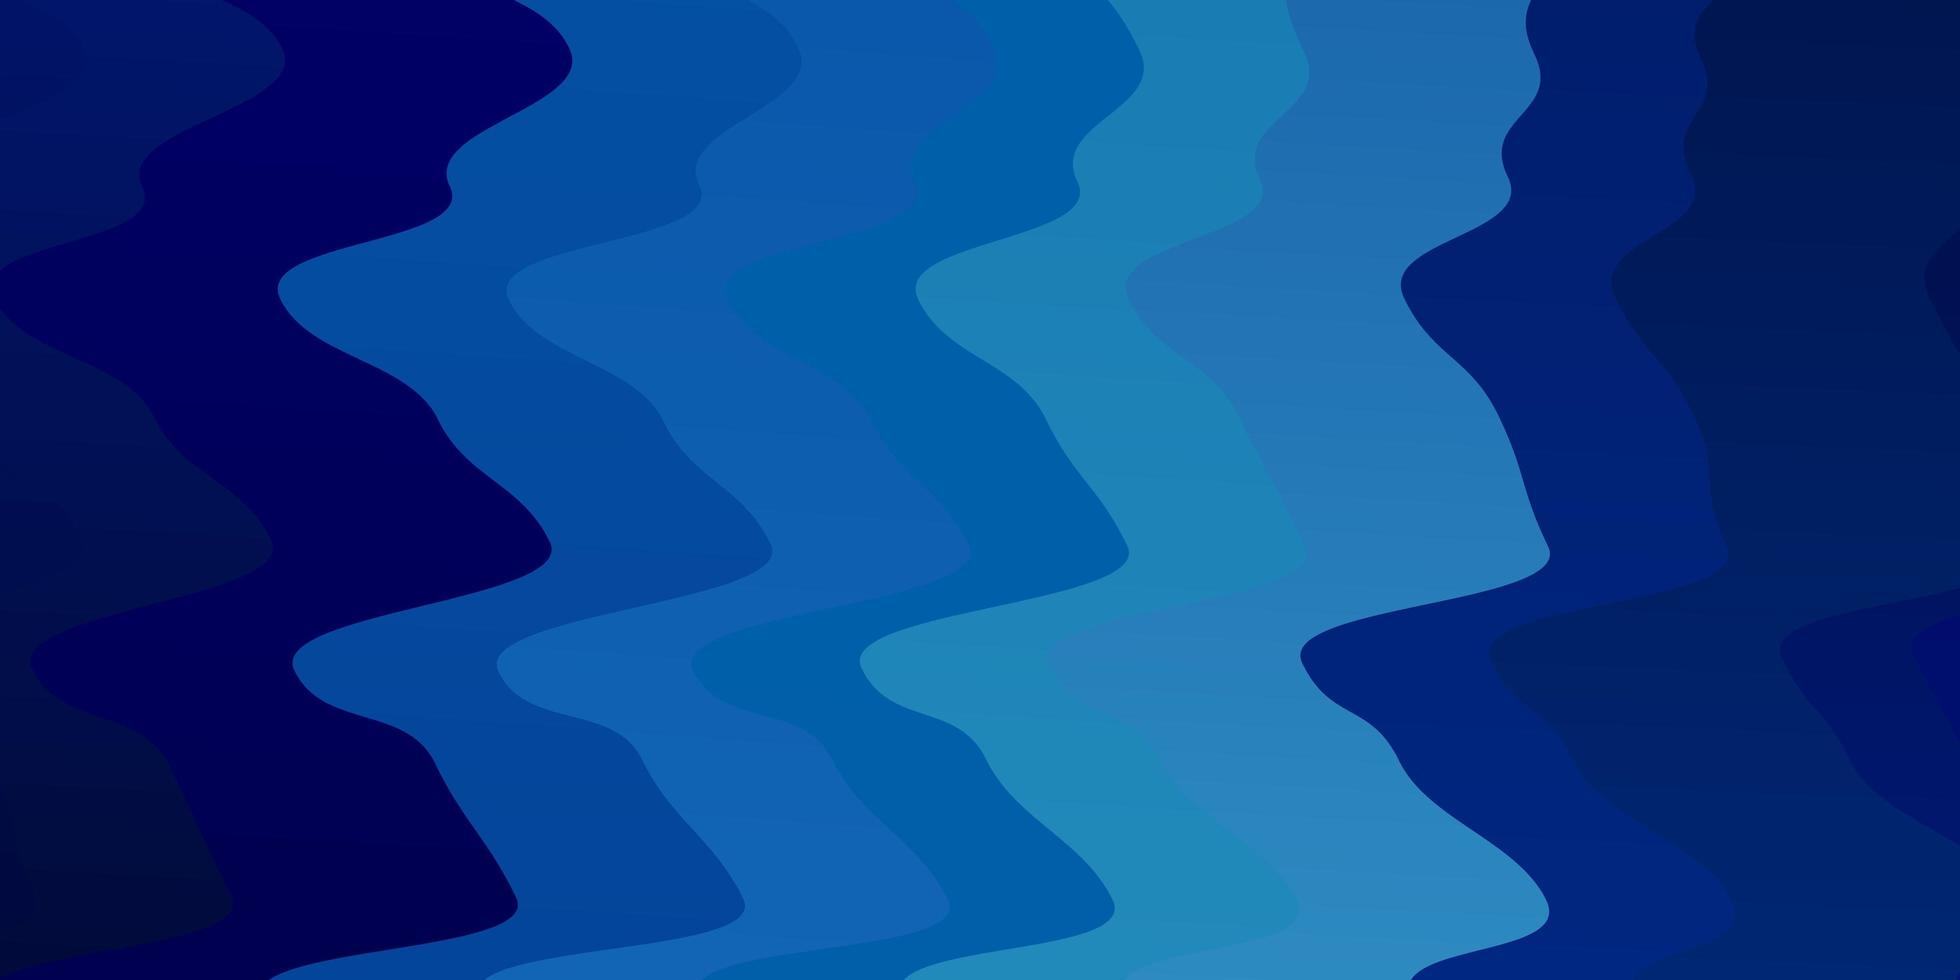 padrão de vetor azul claro com linhas curvas.